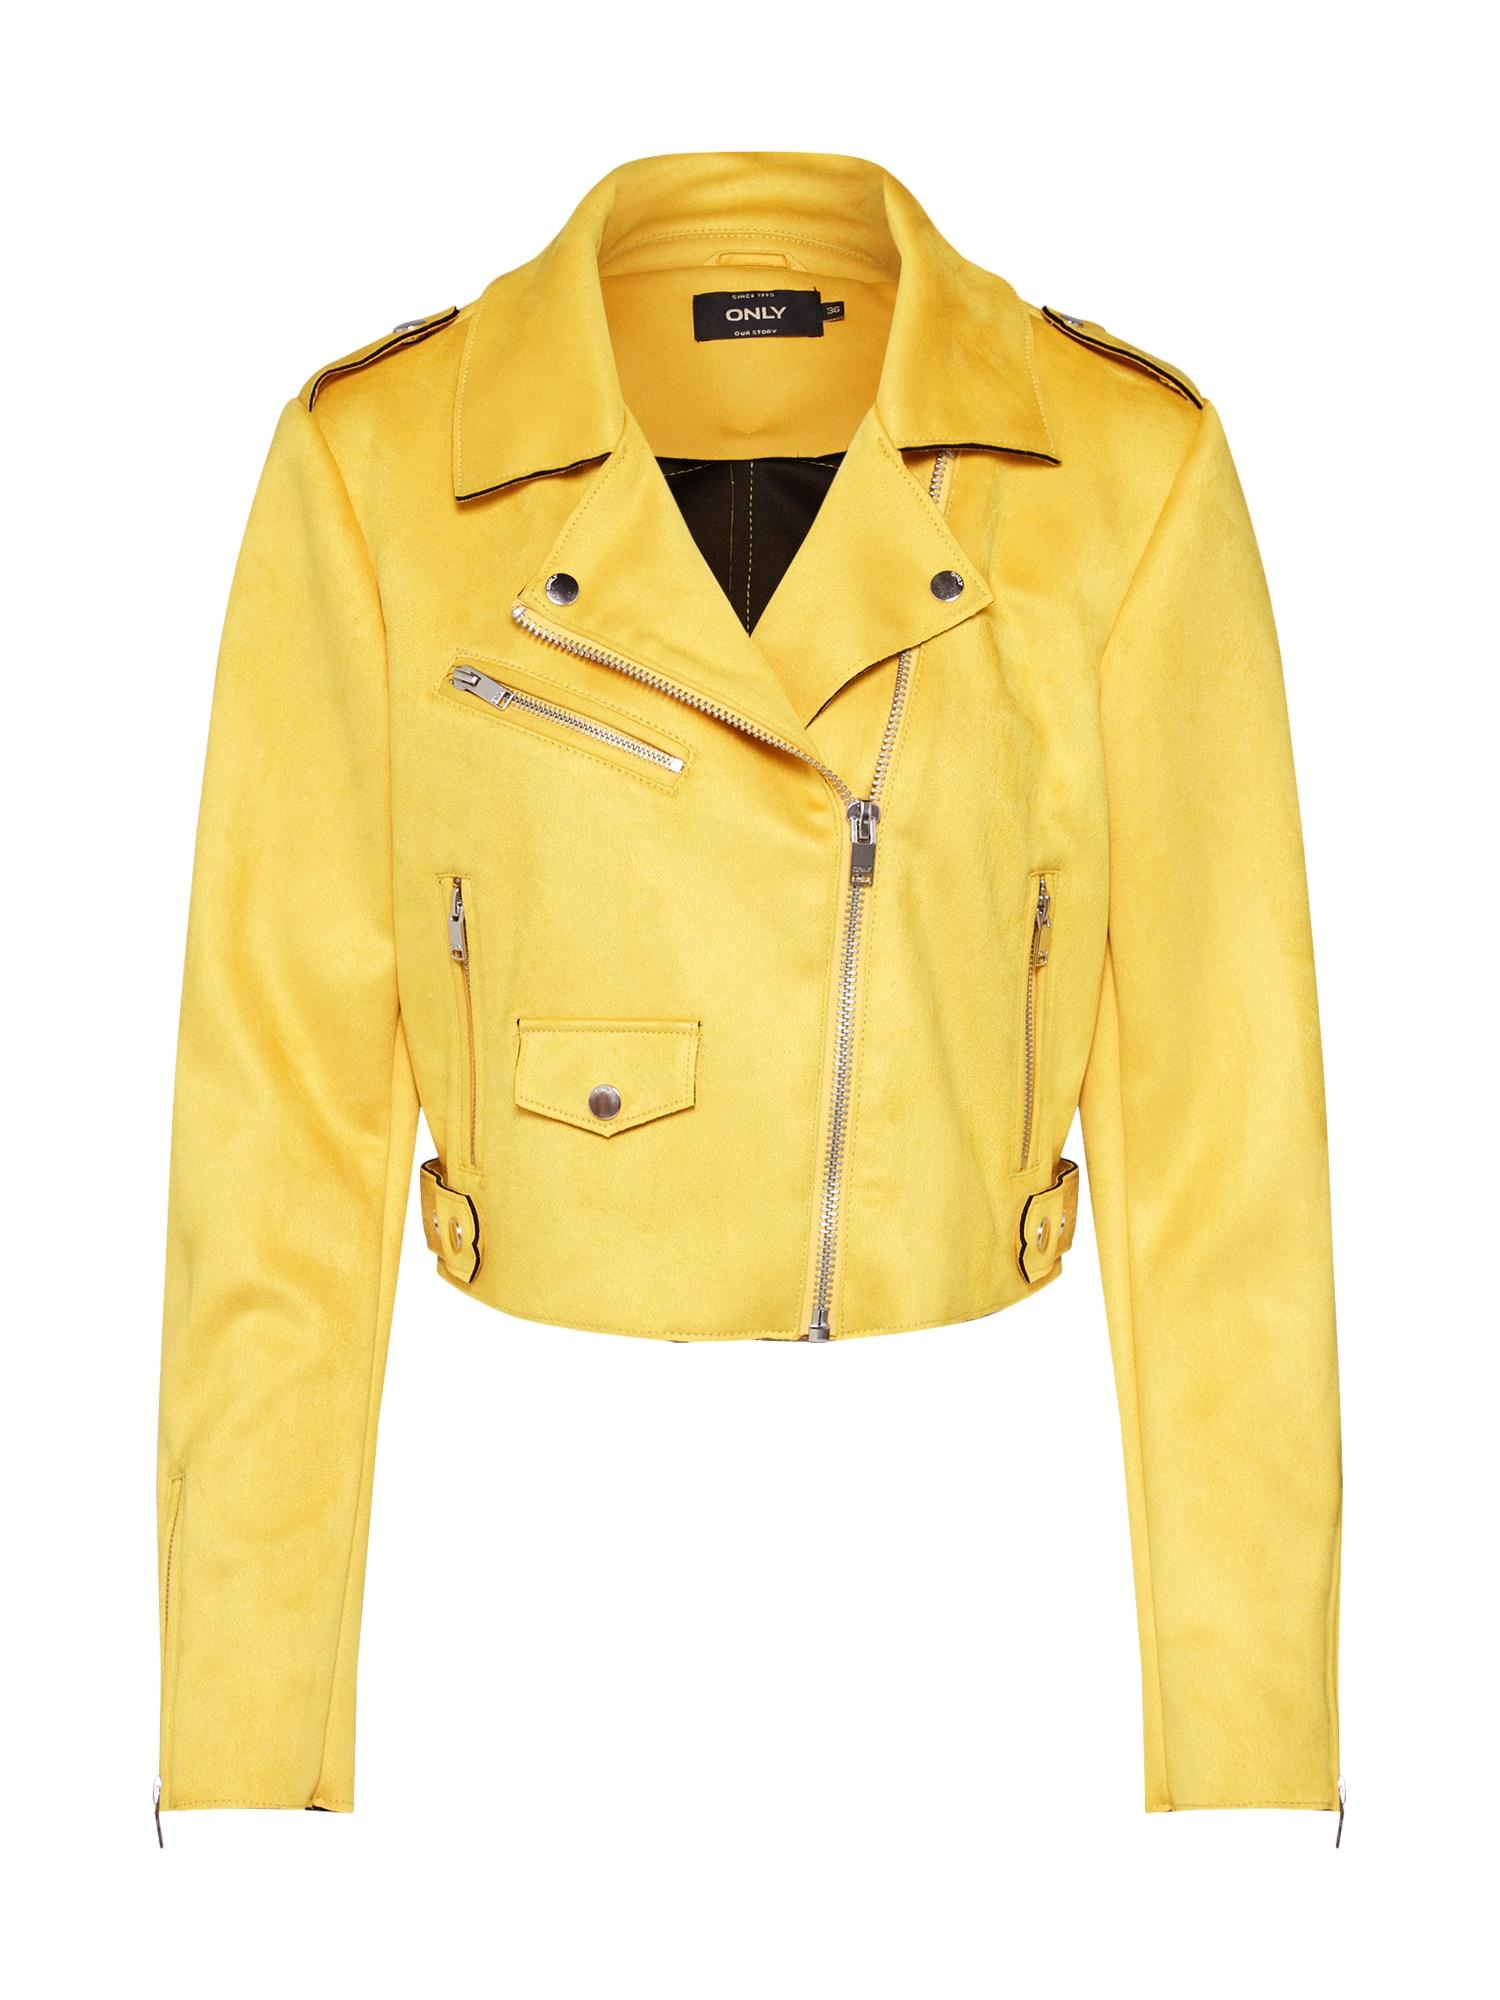 Přechodná bunda SHERRY žlutá ONLY